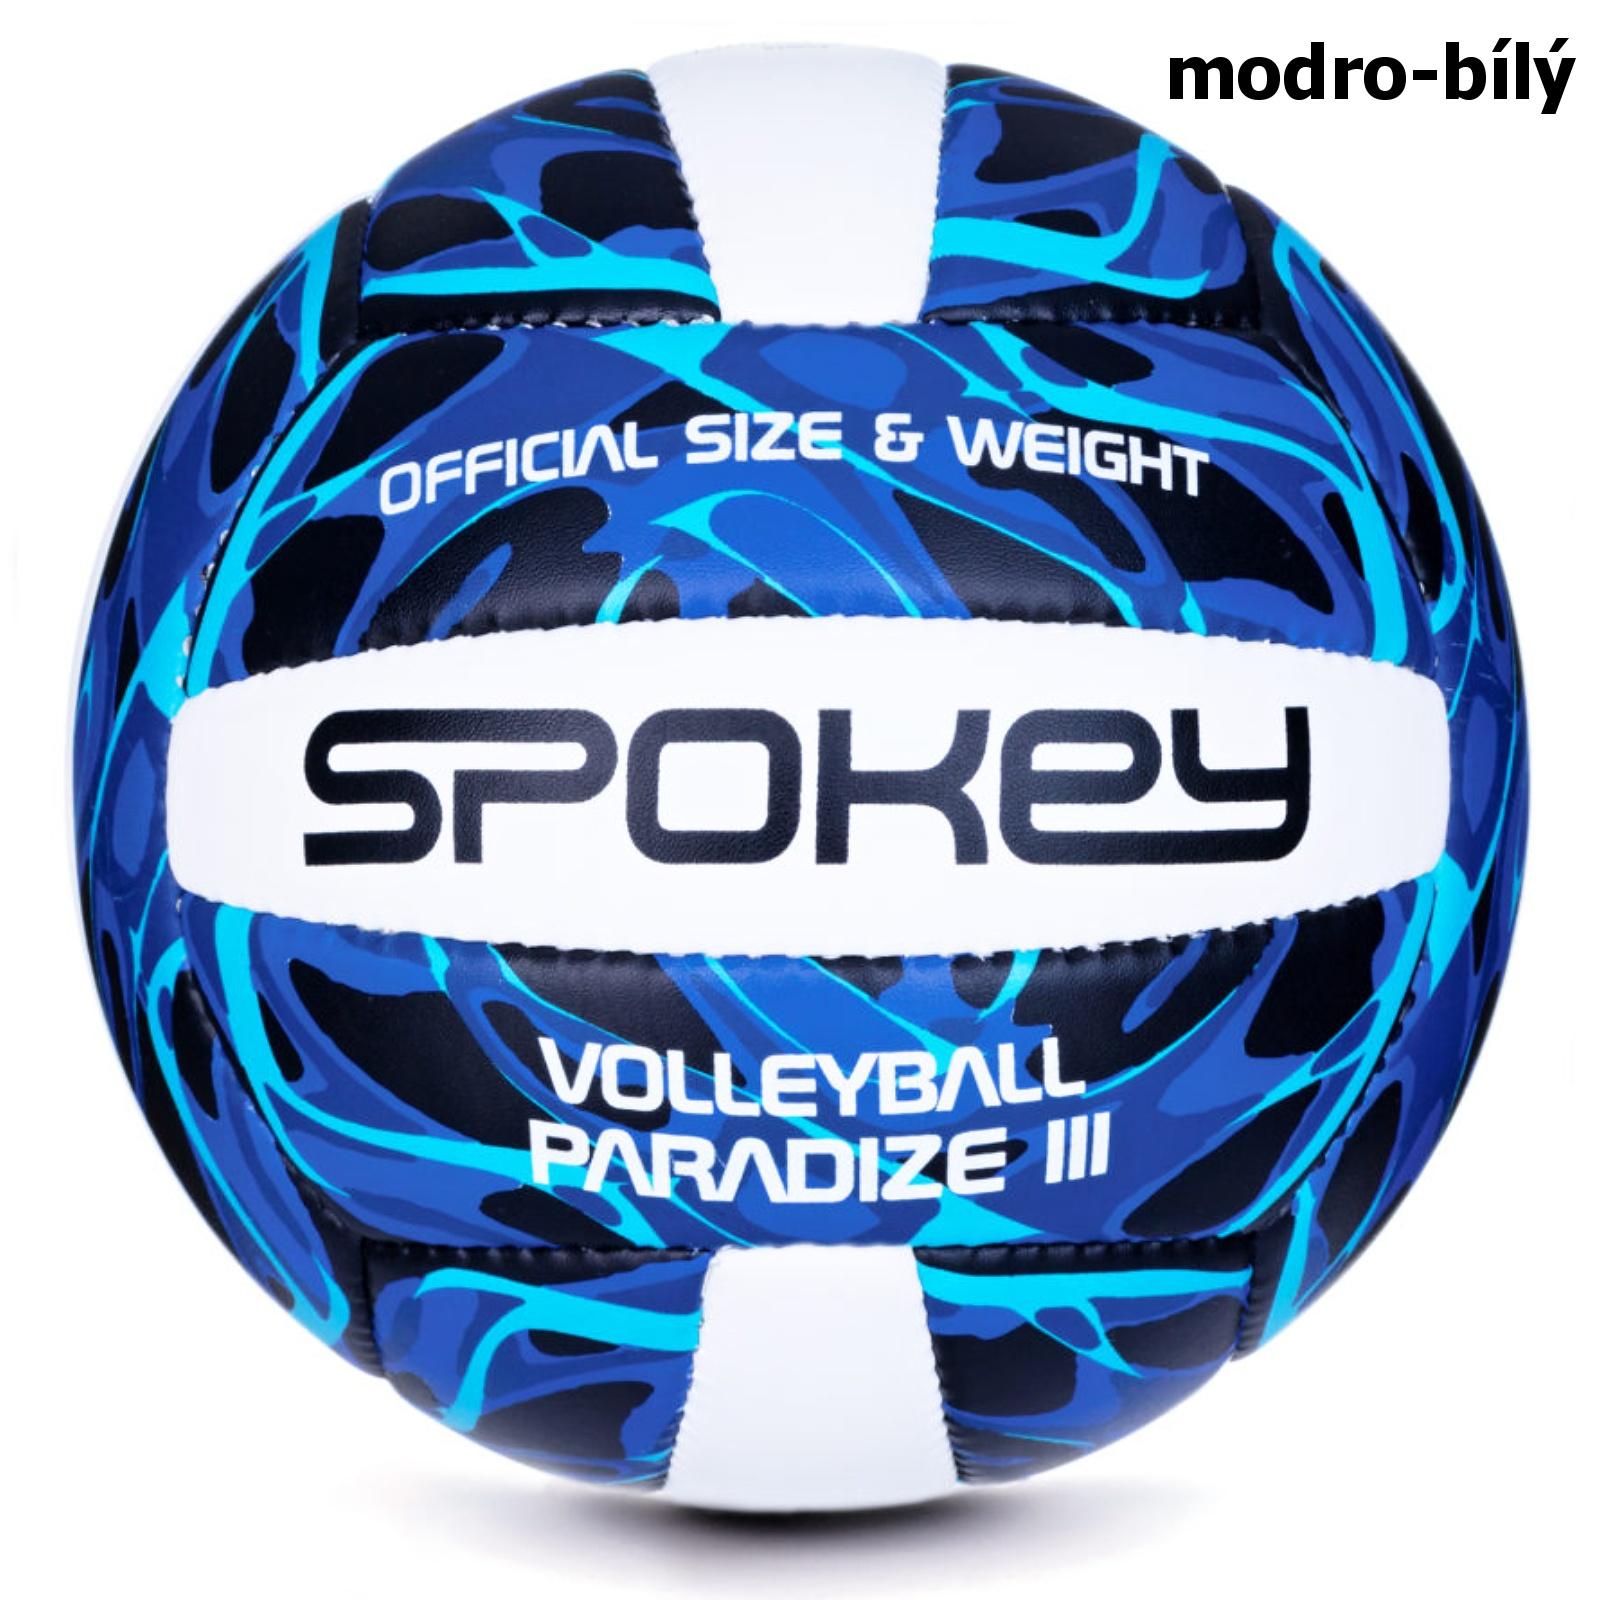 Volejbalový míč SPOKEY Paradize III modro-bílý